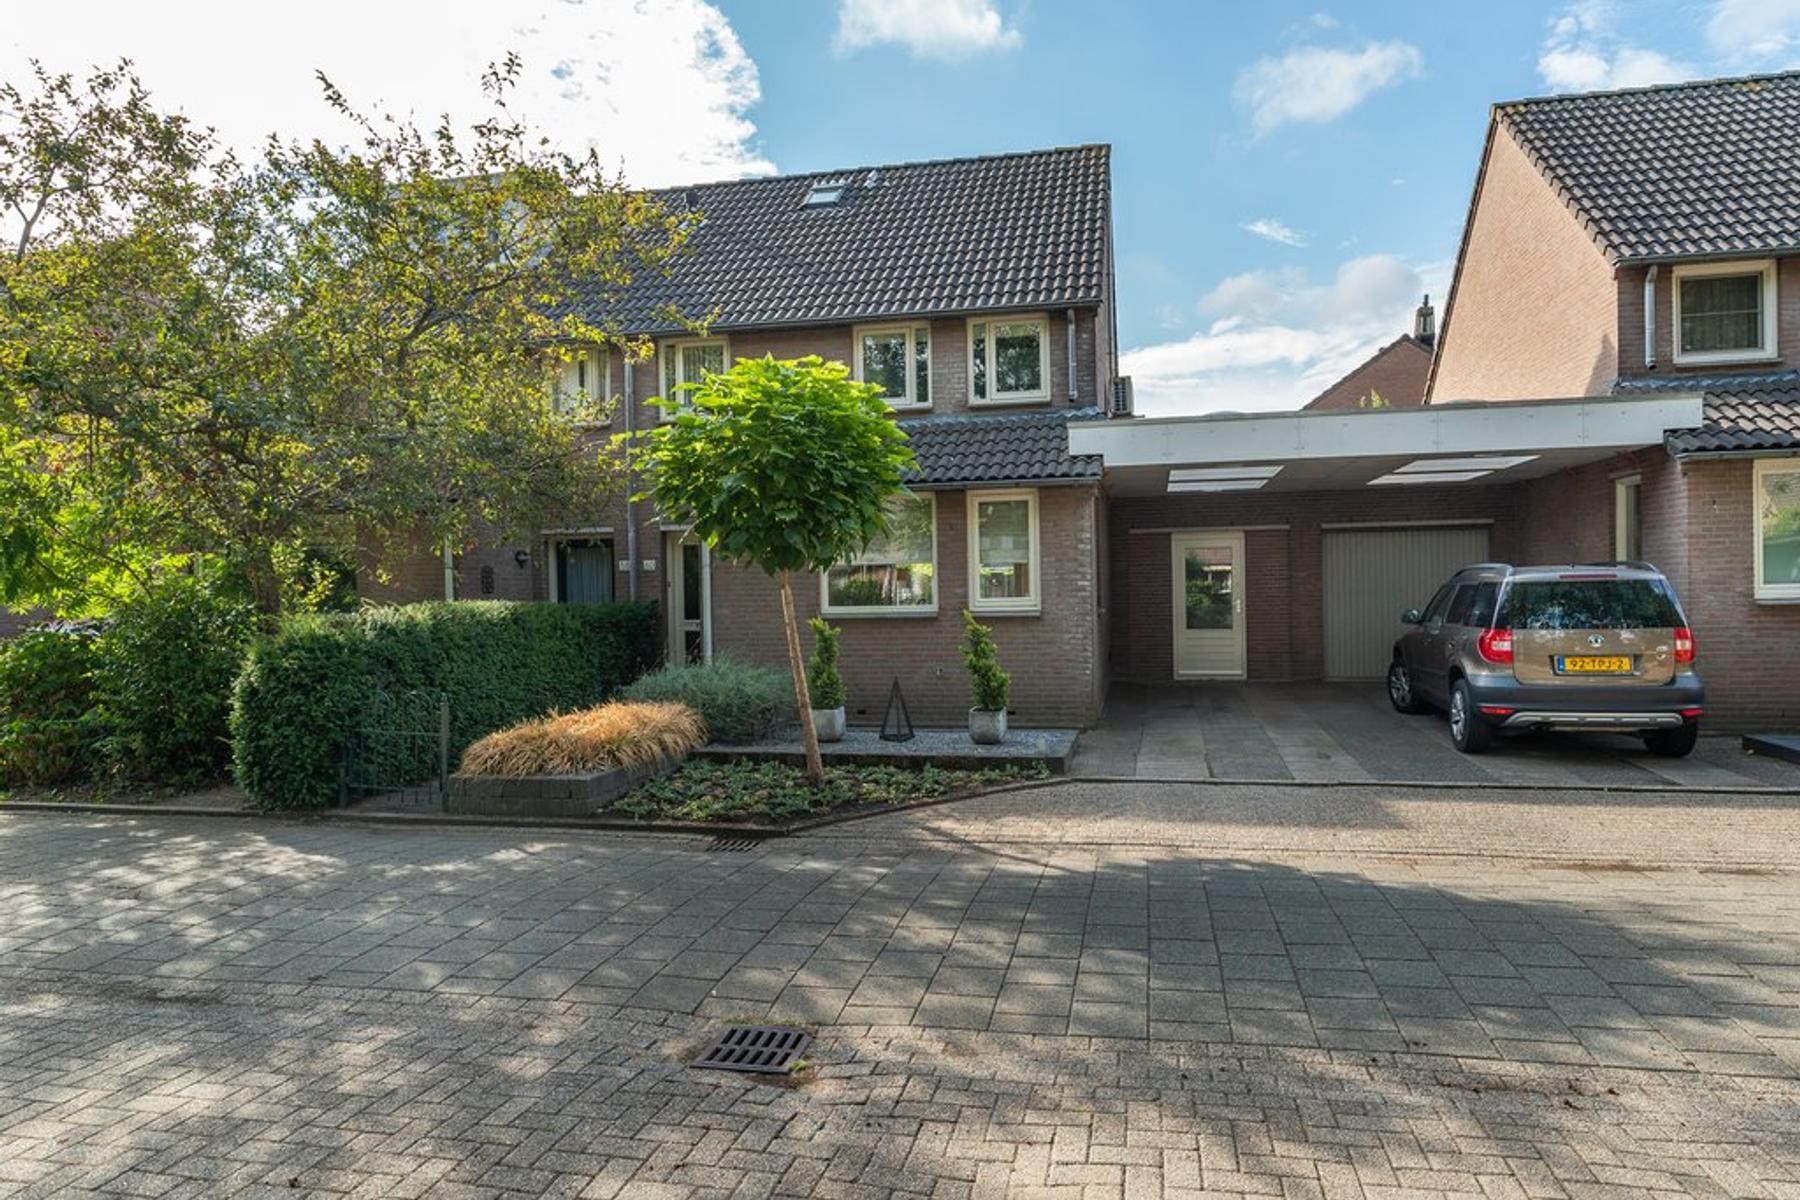 Sluisweg 60 in 'S-Hertogenbosch 5235 AH